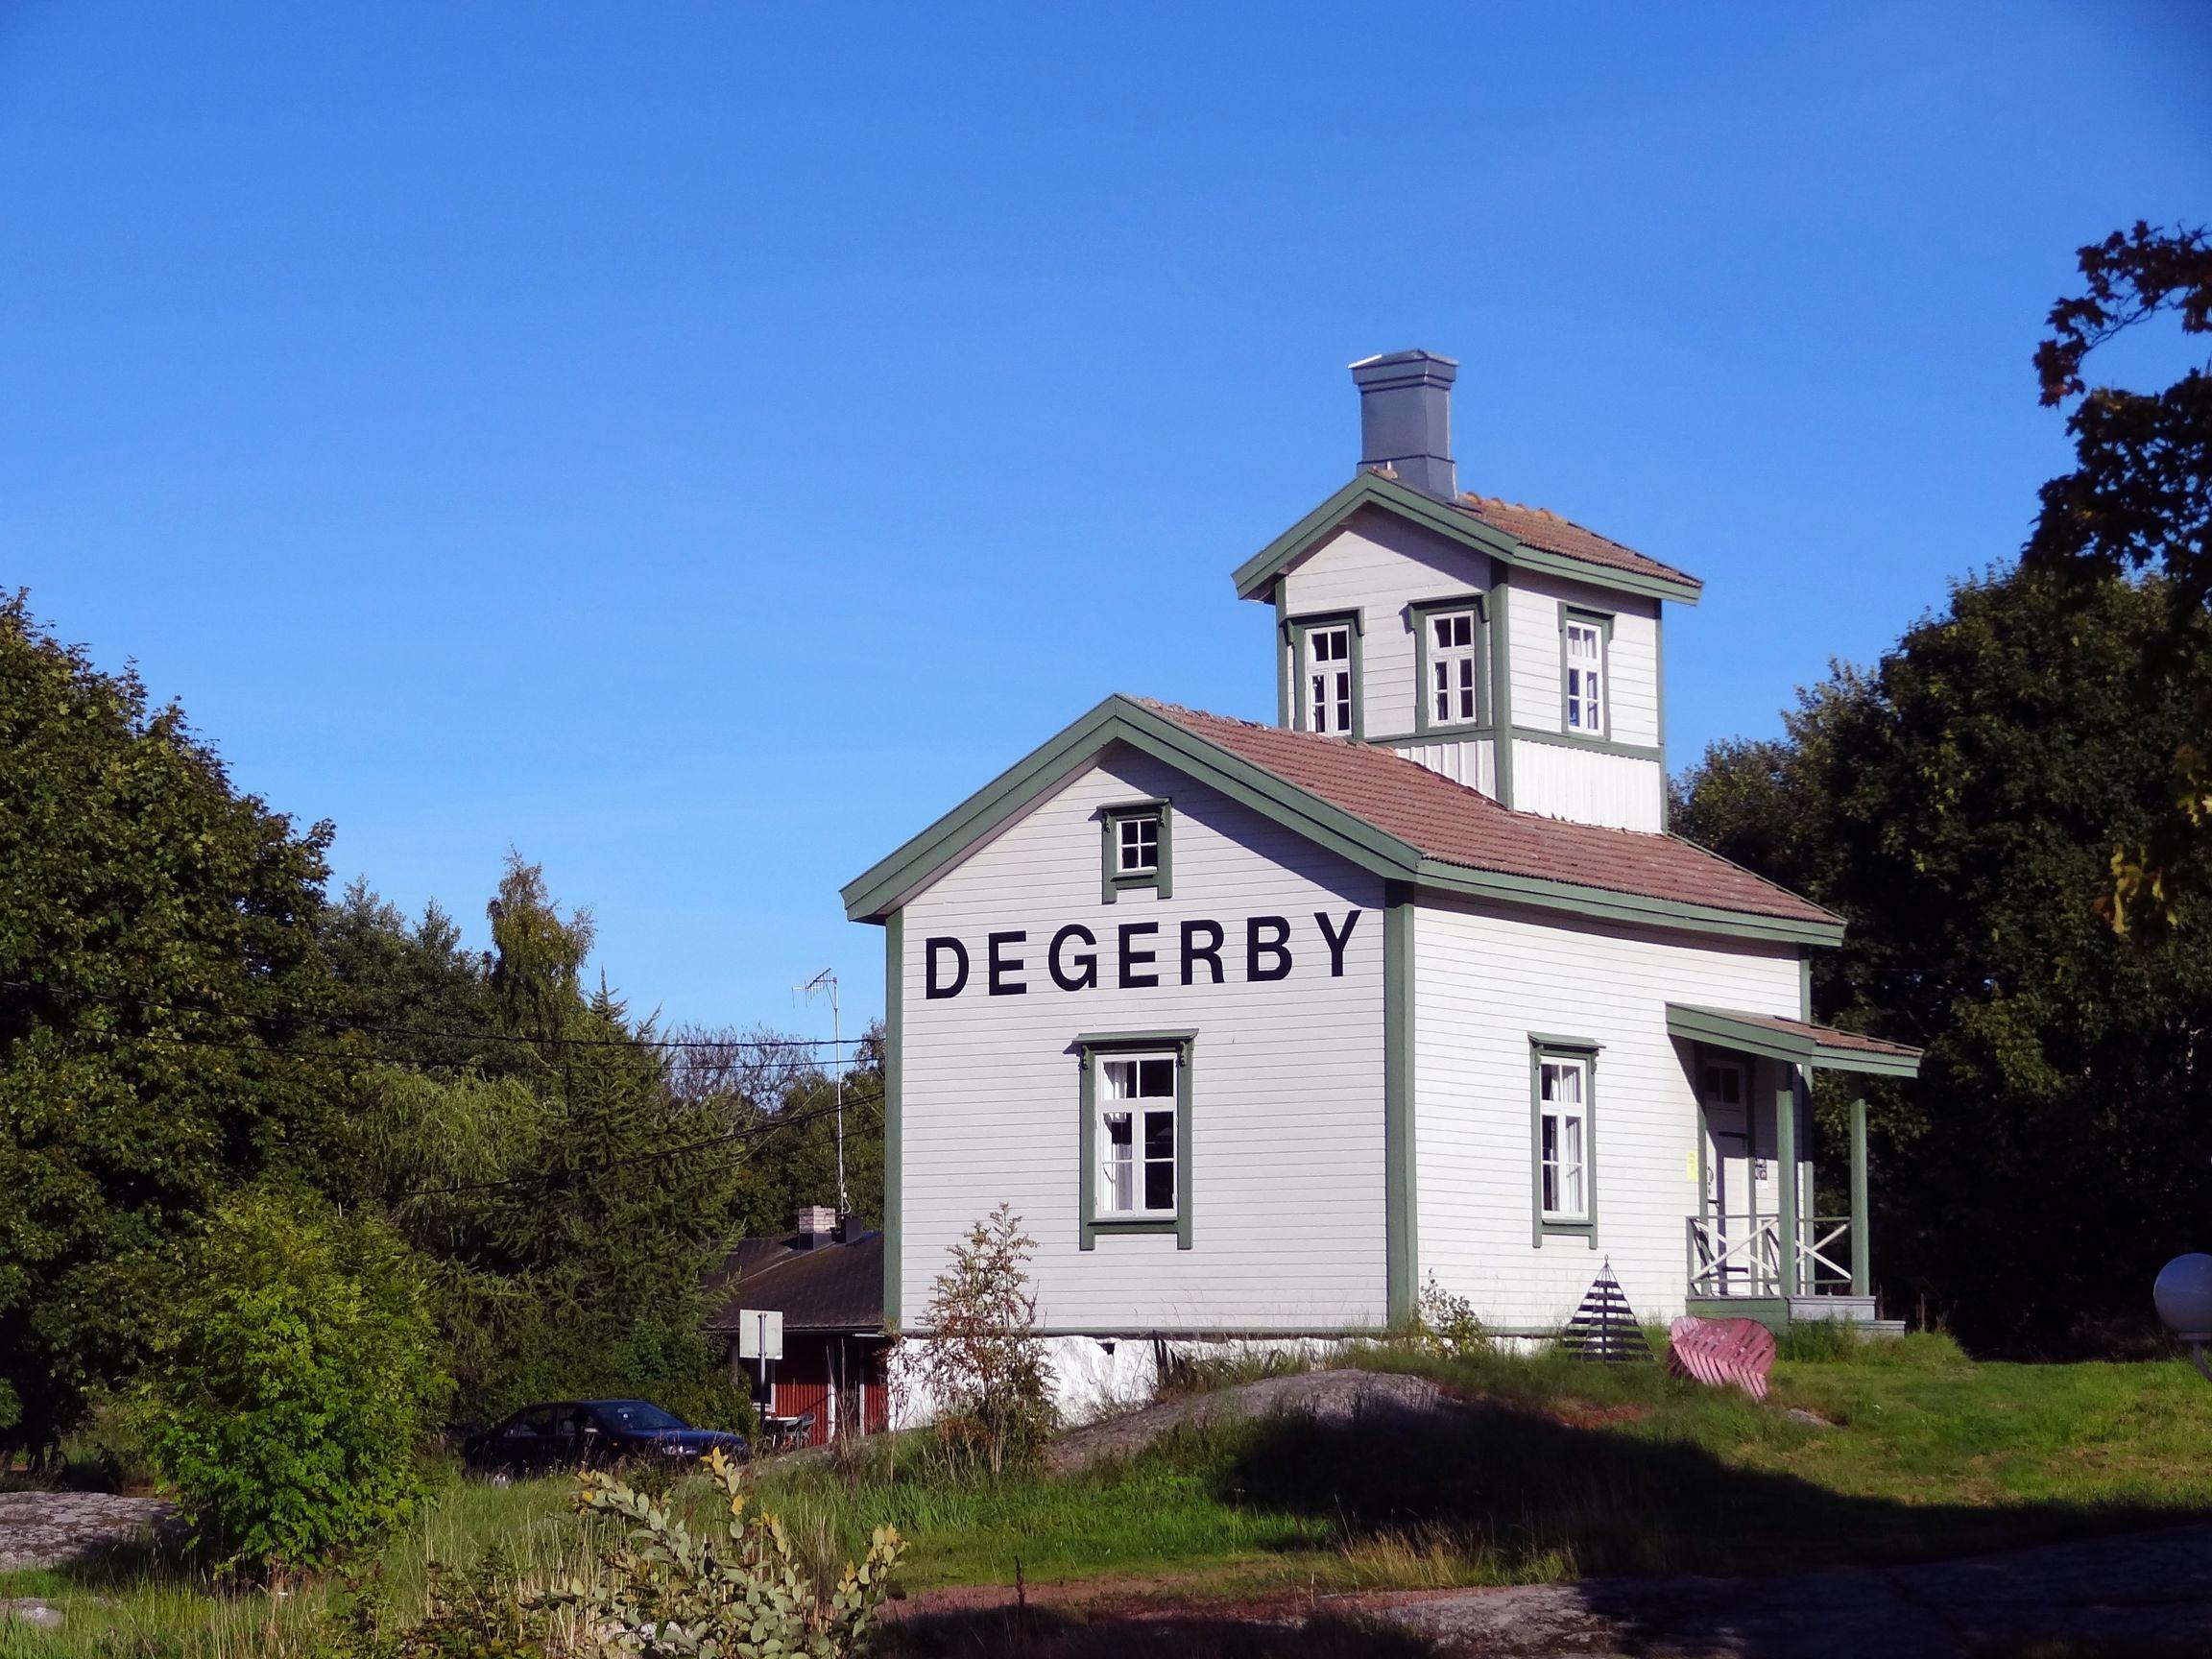 Lotsenhaus von Degerby, heute ein Museum